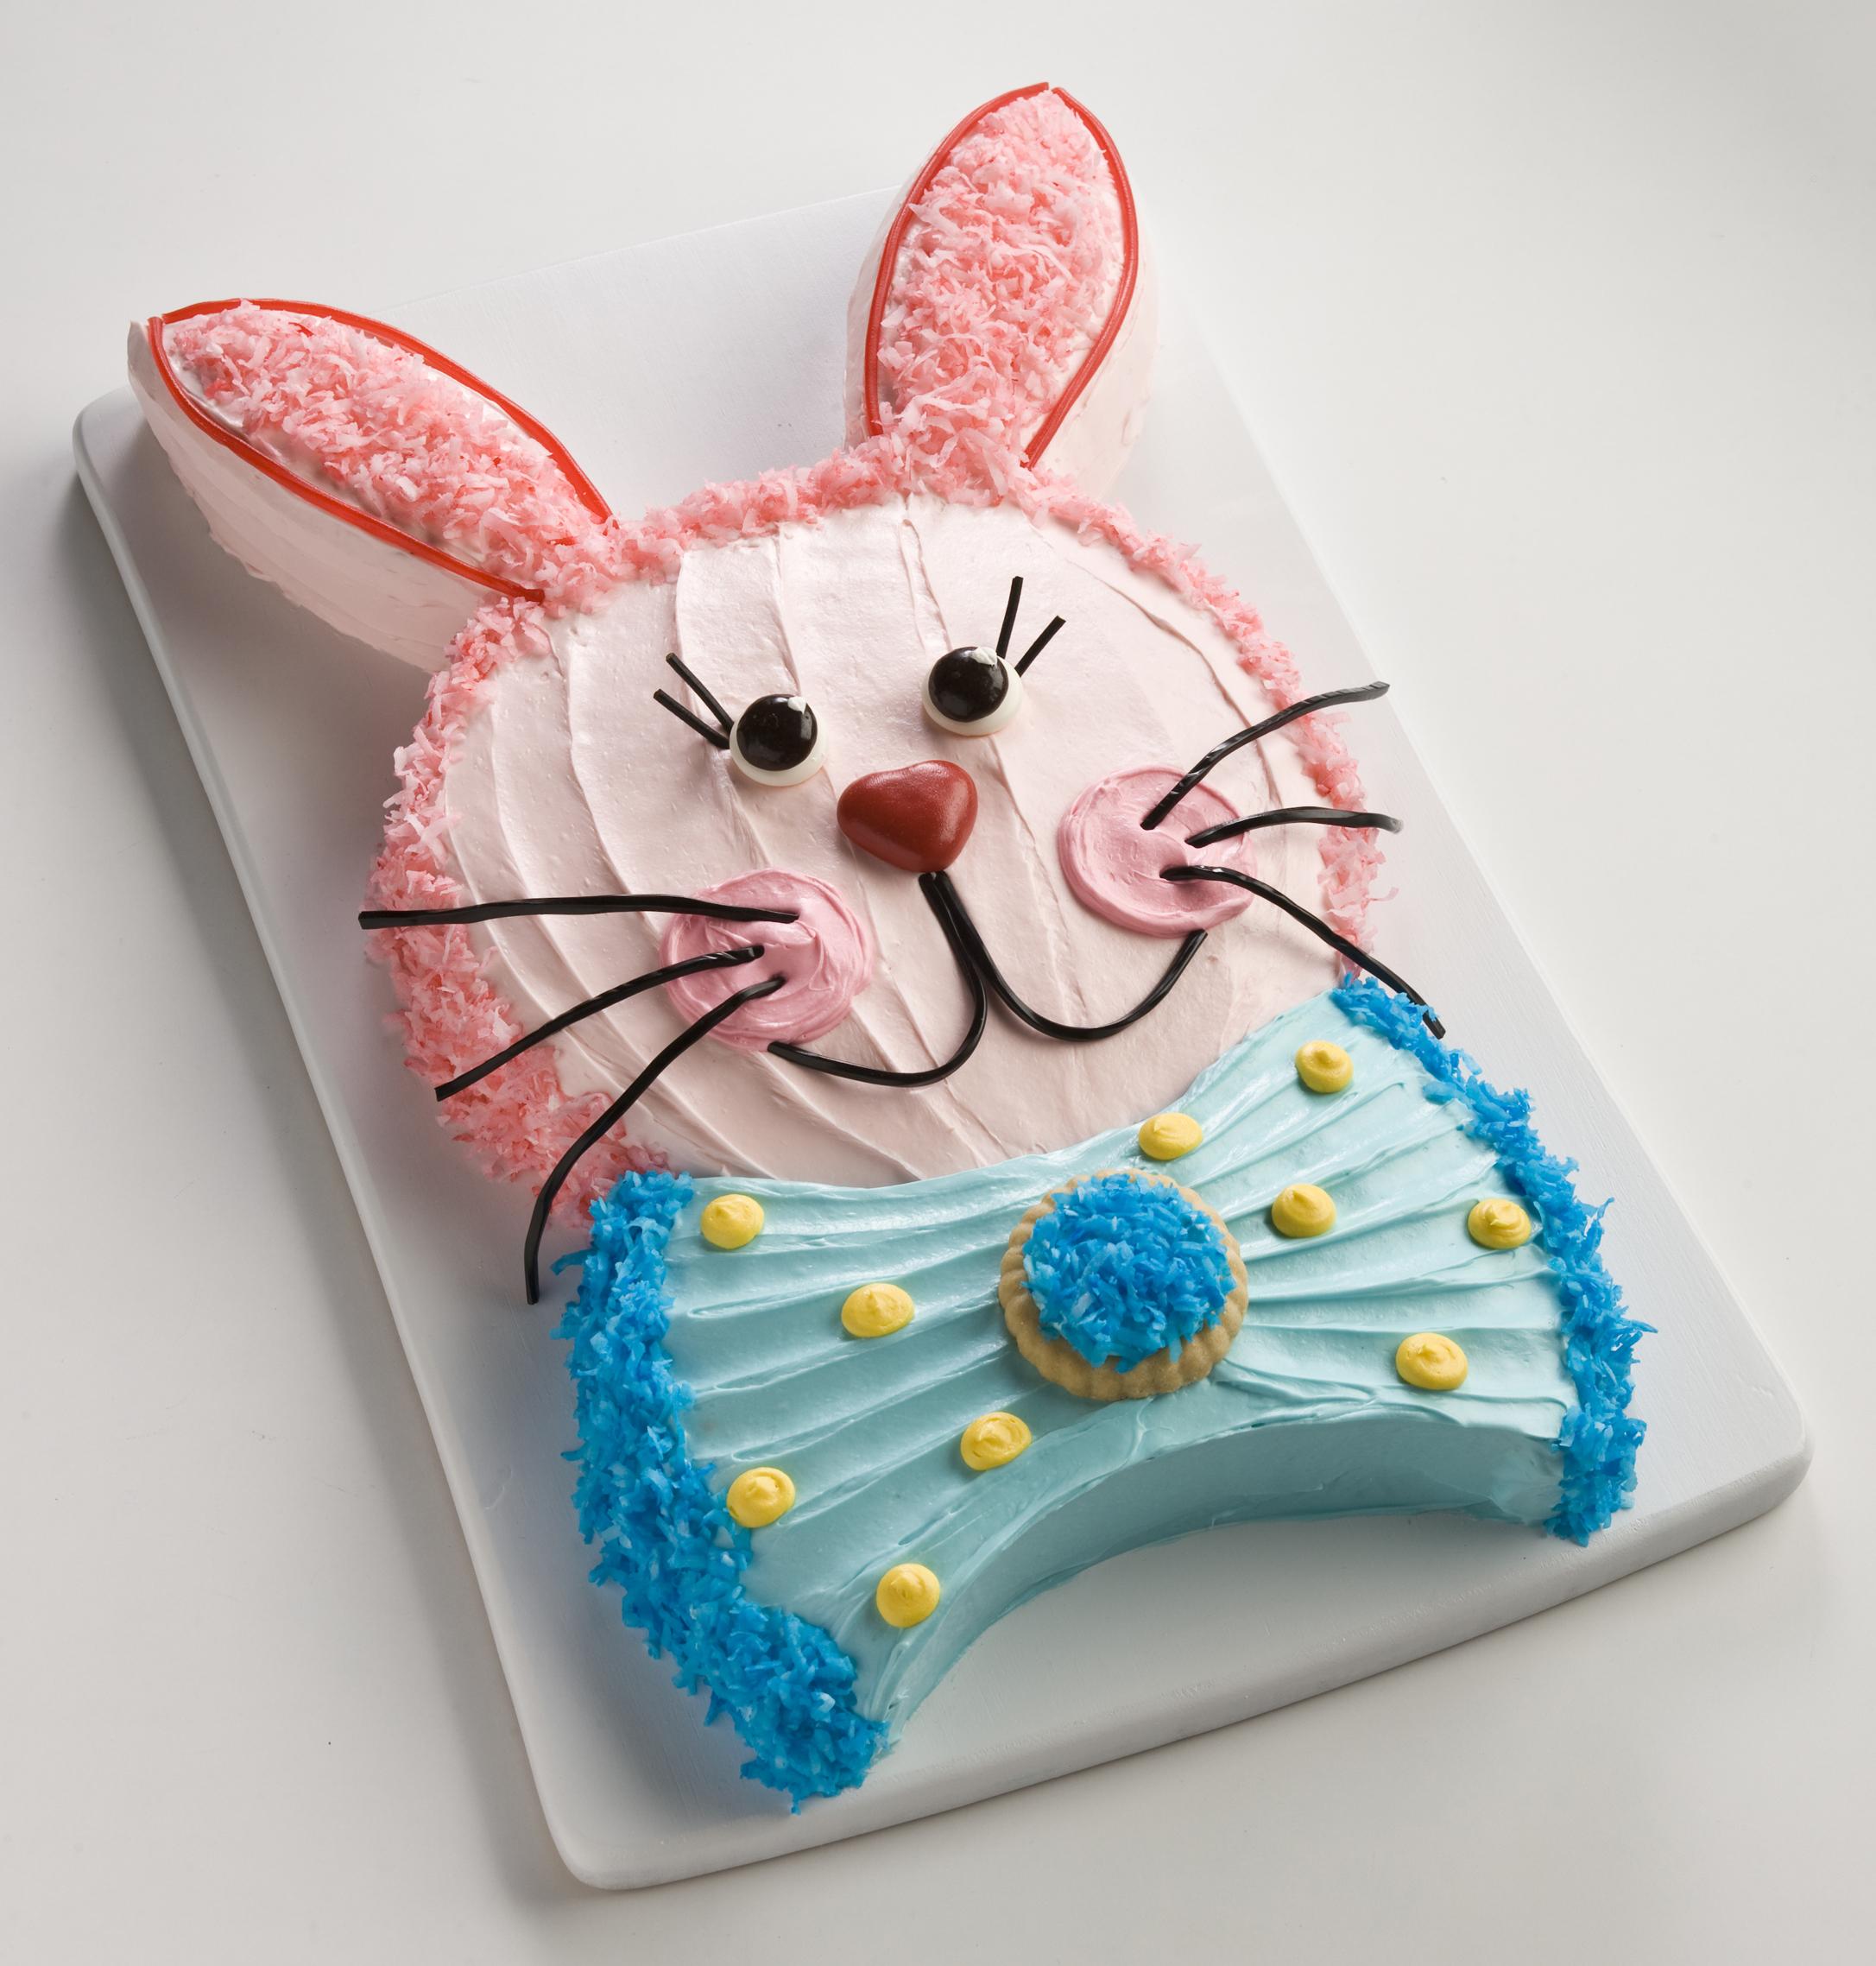 Торты для детей - рецепты с фото детских тортов 91